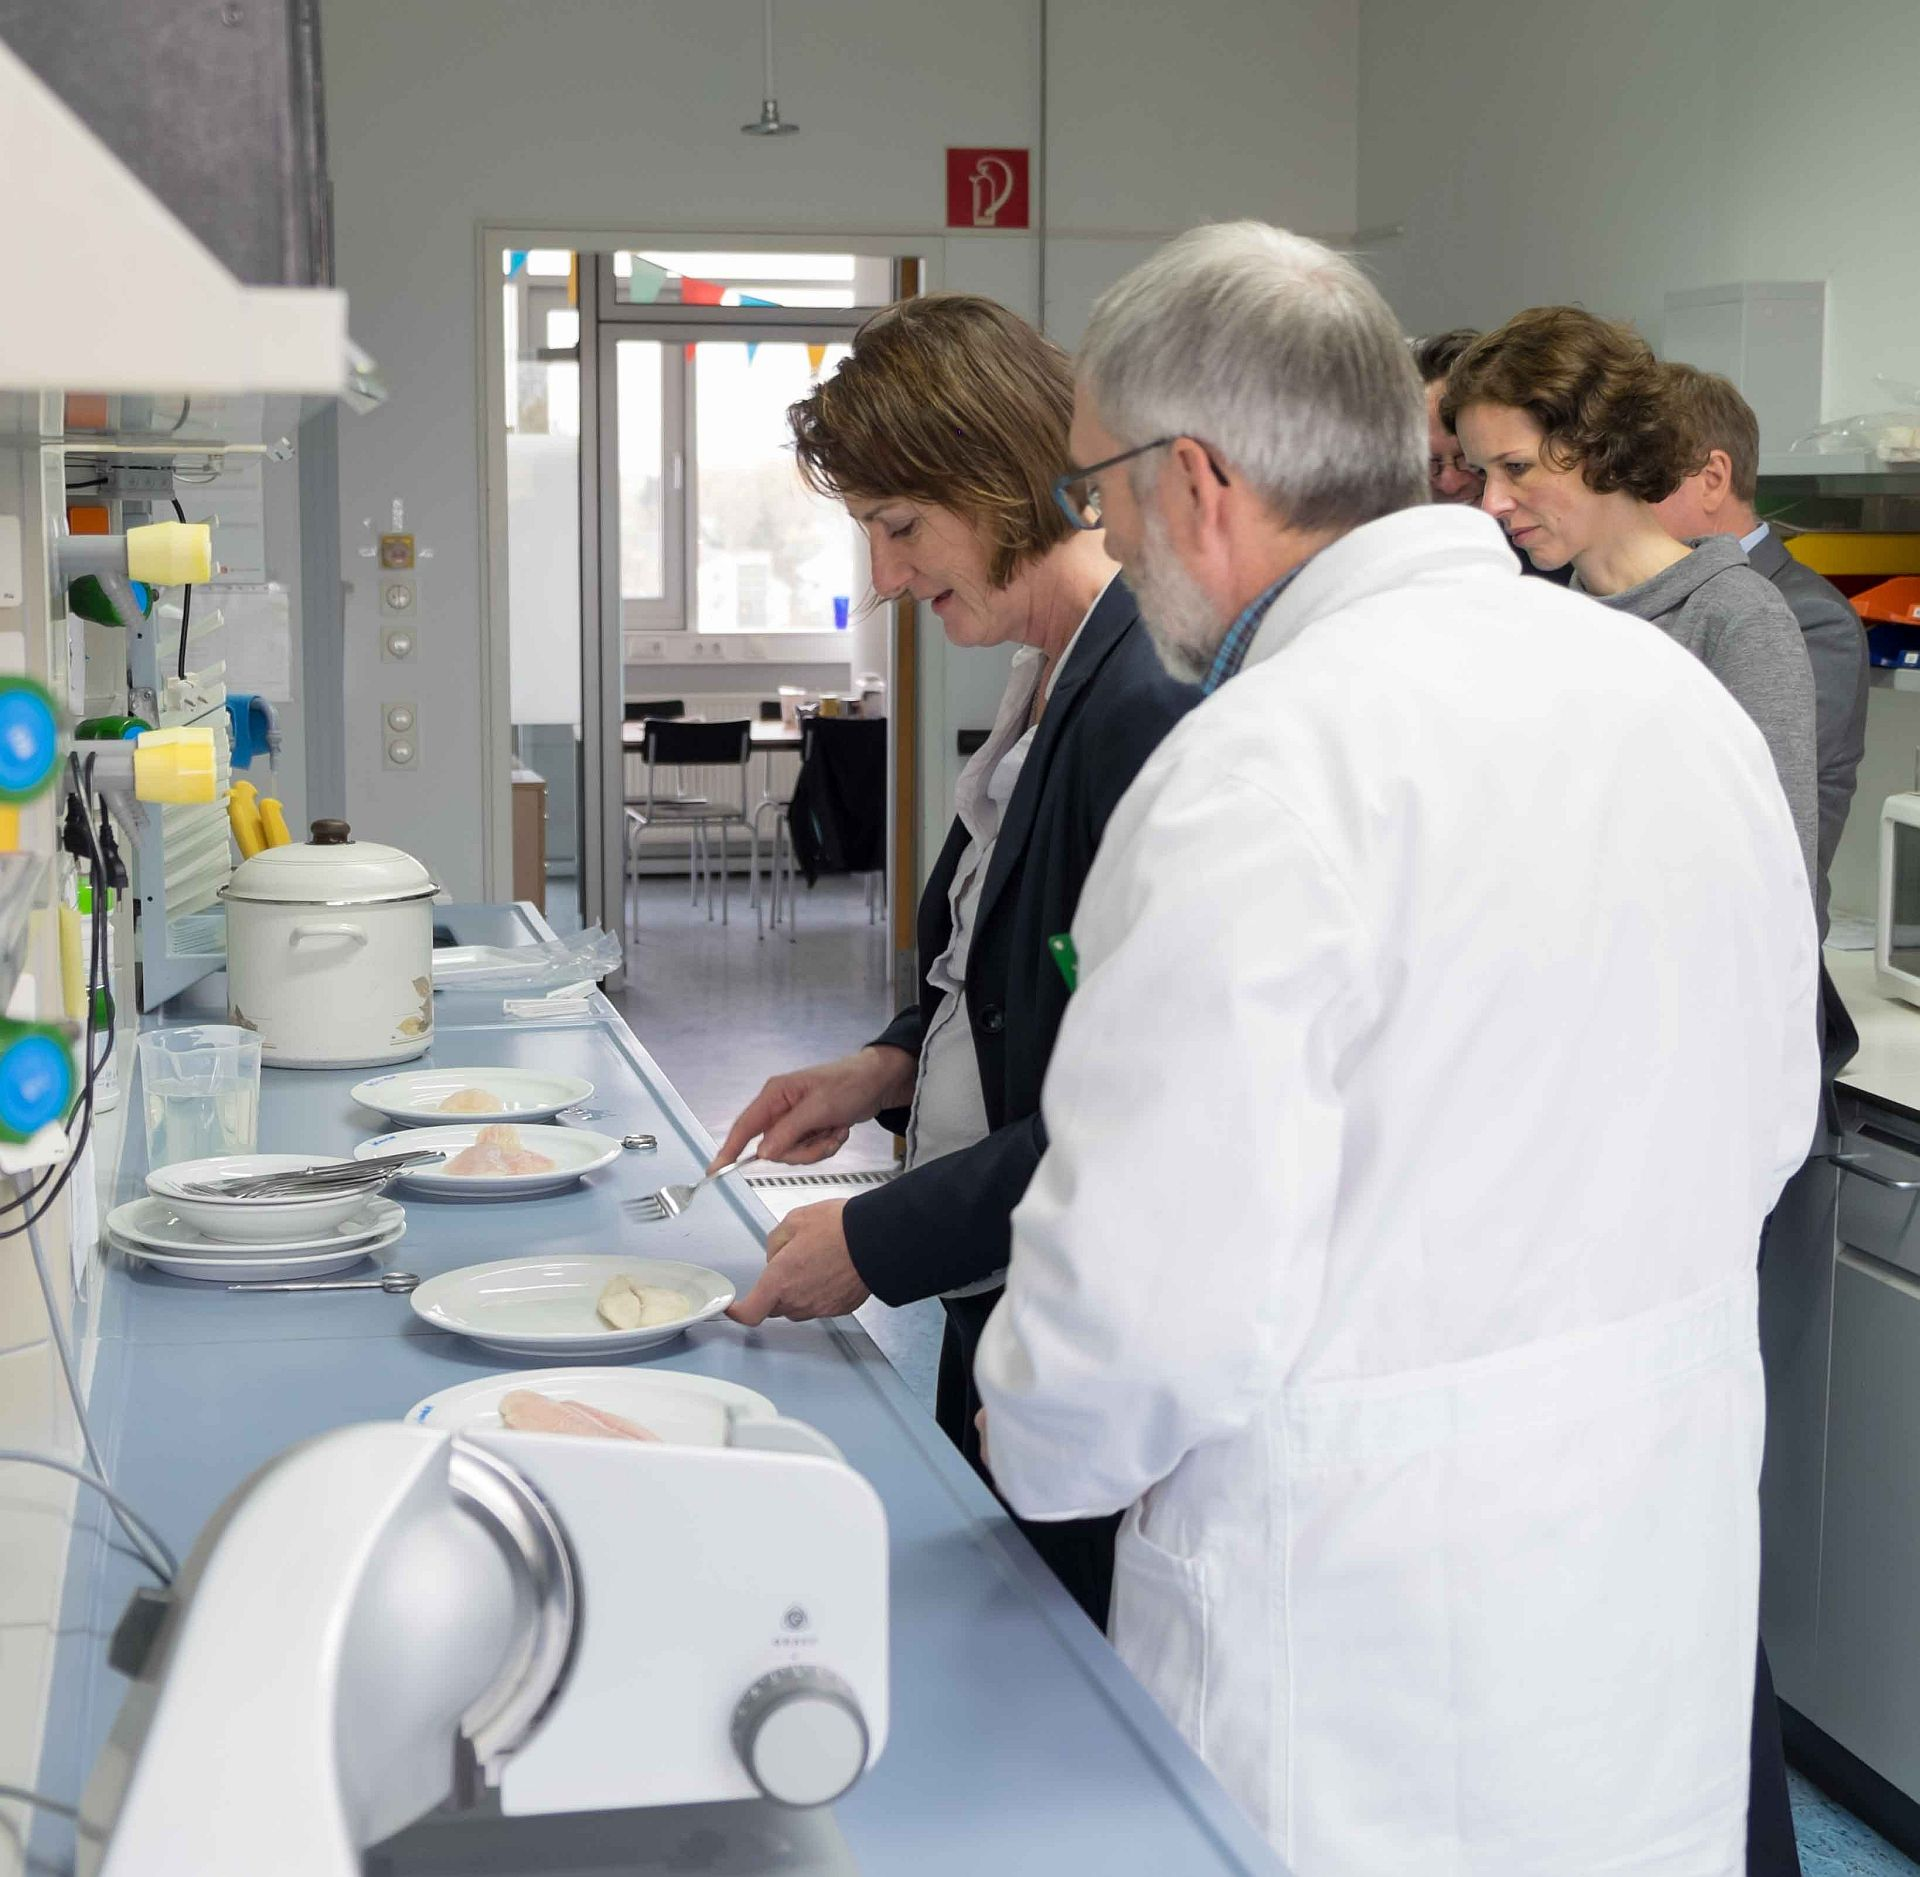 Das Bild zeigt Frau Leukhardt mit einer Gabel in der Hand bei der Verkostung einer Reihe von durcherhitzten Fischfilets. Die Filets sind auf Tellern auf einem Labortisch angerichtet. Daneben steht eine Gruppe weiterer Personen.